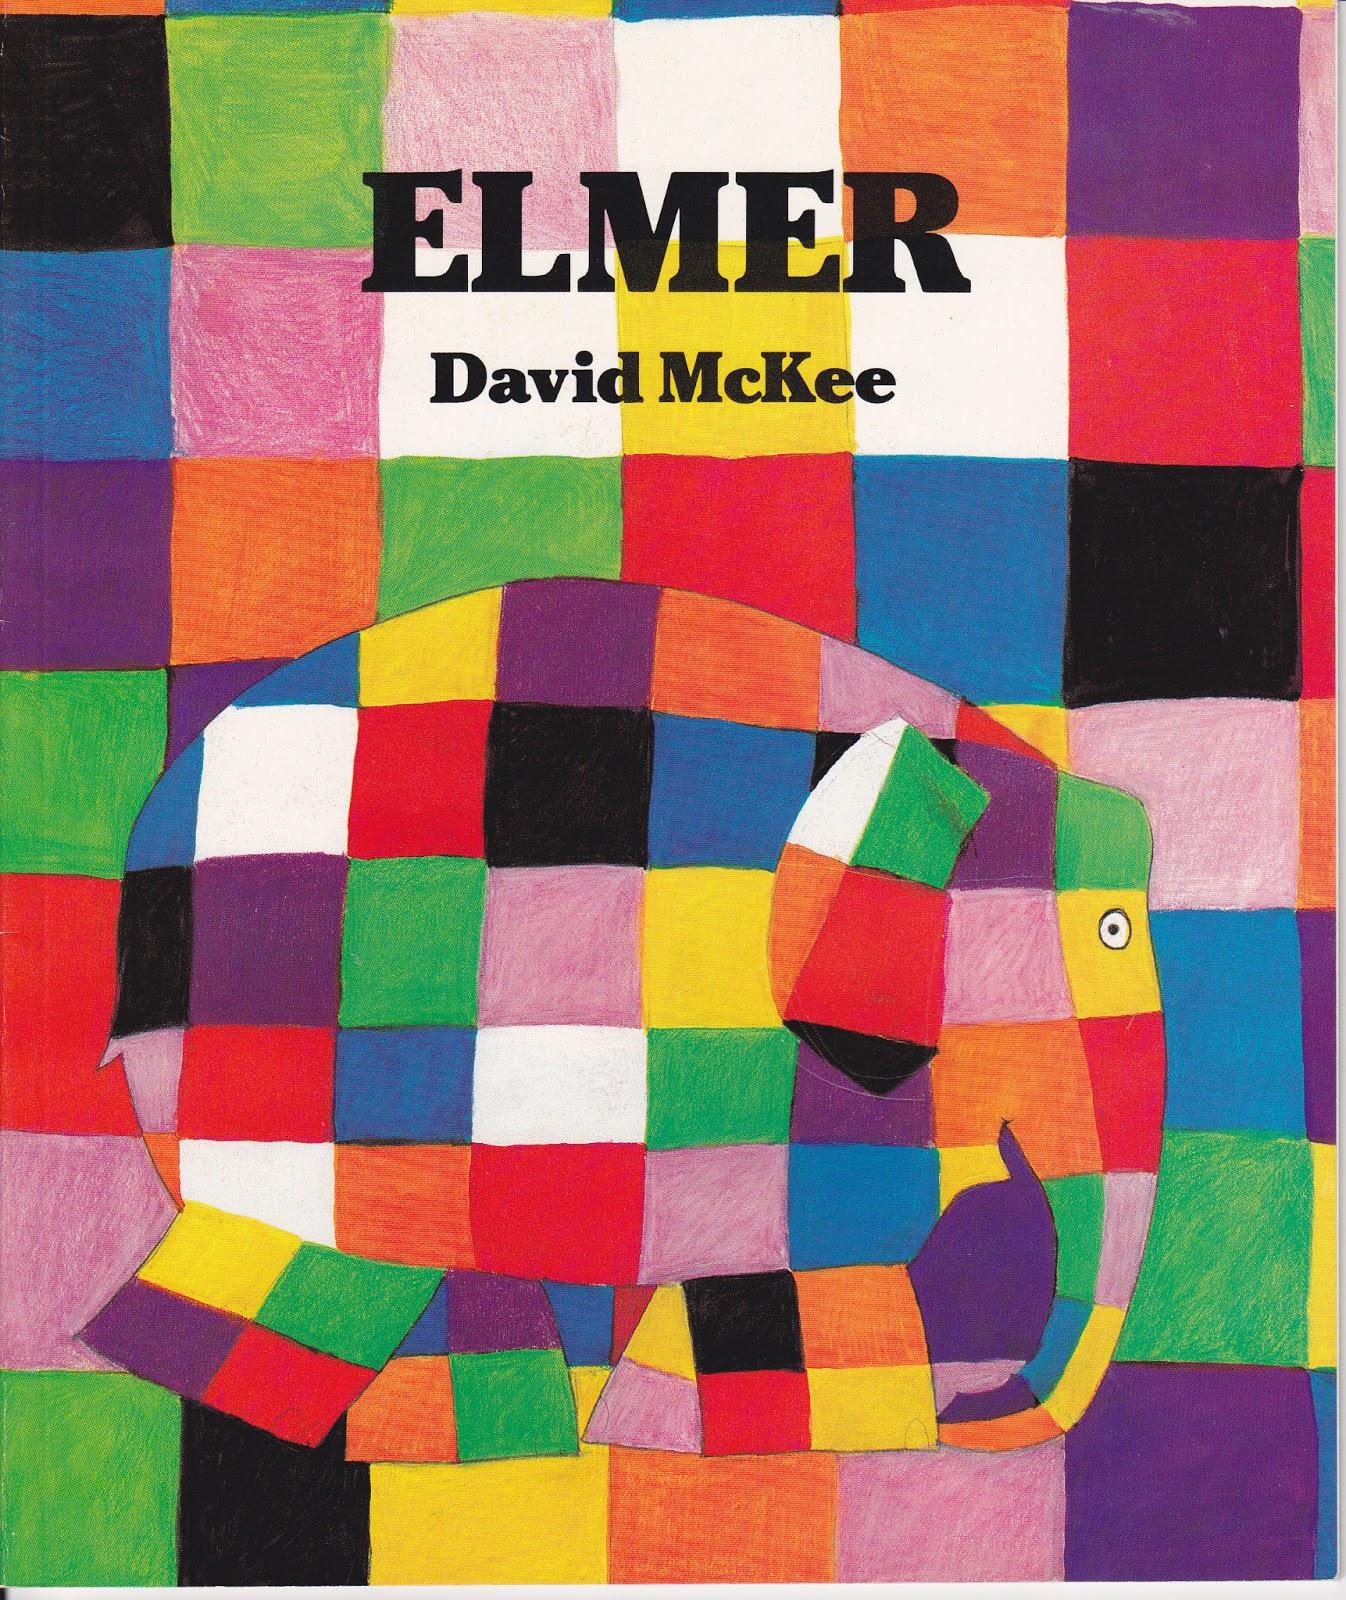 Children S Book Cover Letter : Metamora community preschool elmer the elephant